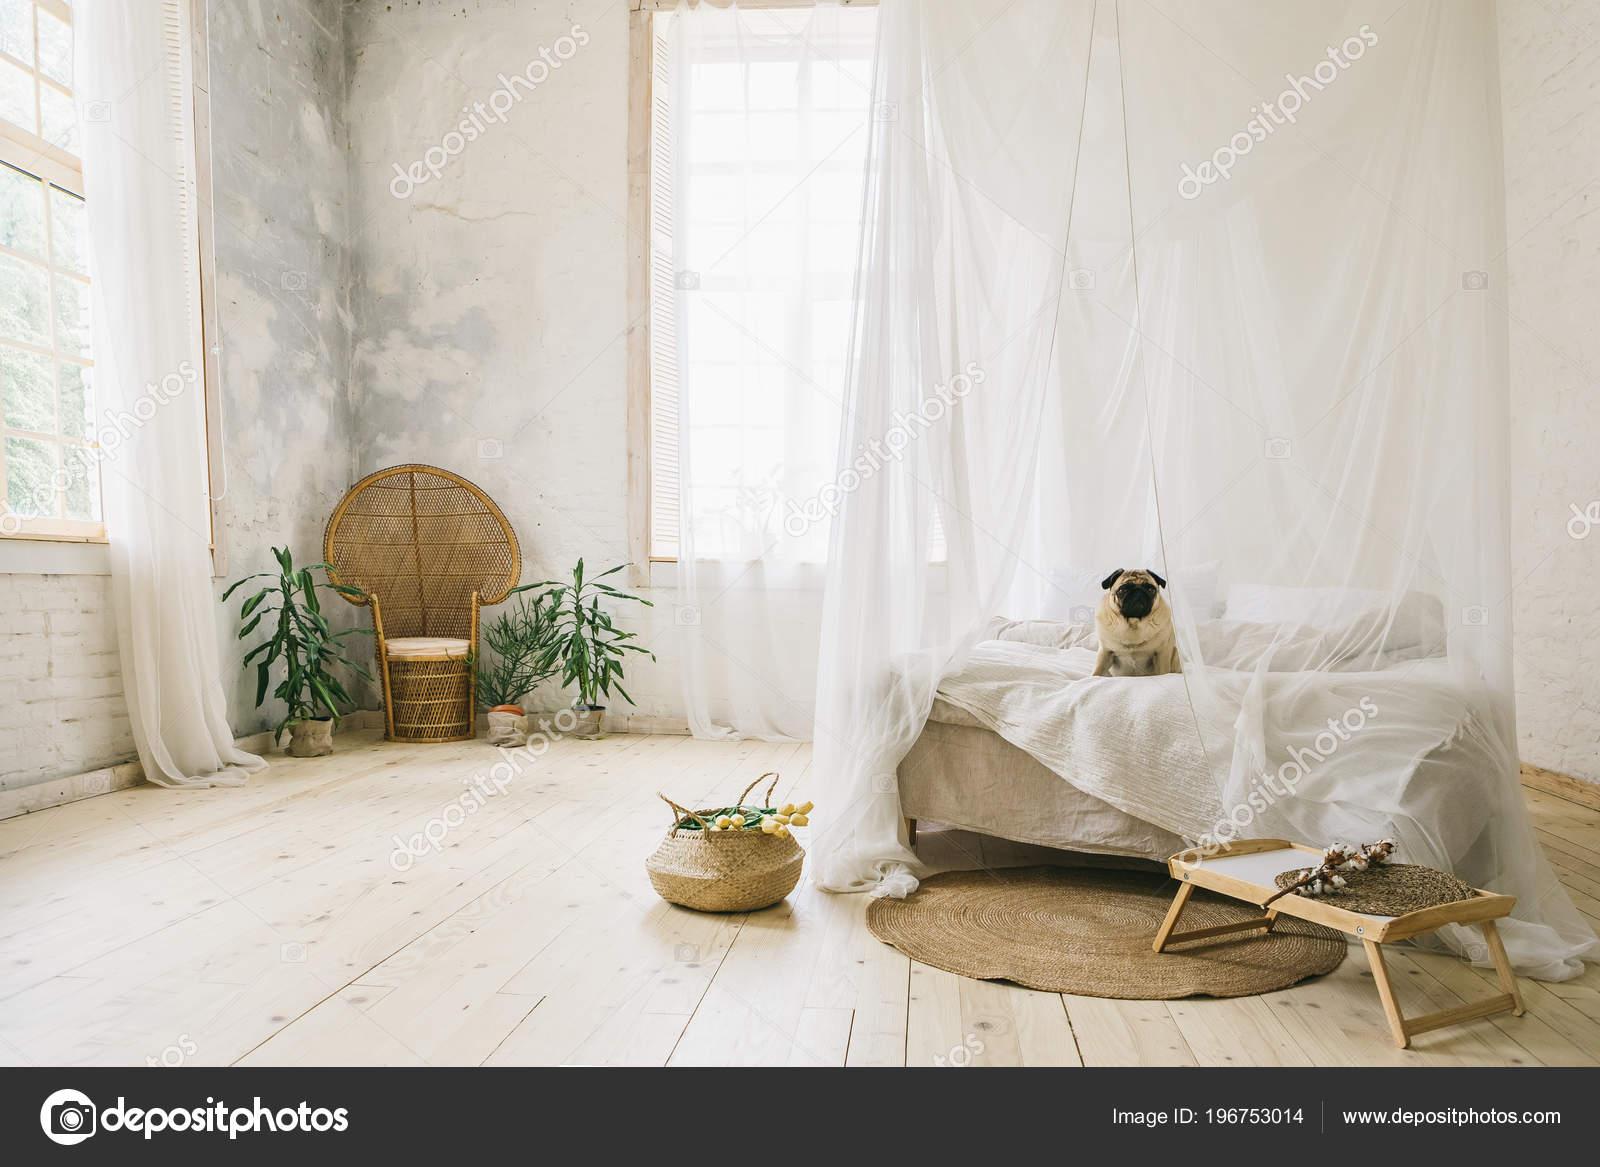 zonnige skandinavische stijl interieur slaapkamer houten vloer natuurlijke materialen hond zittend op het